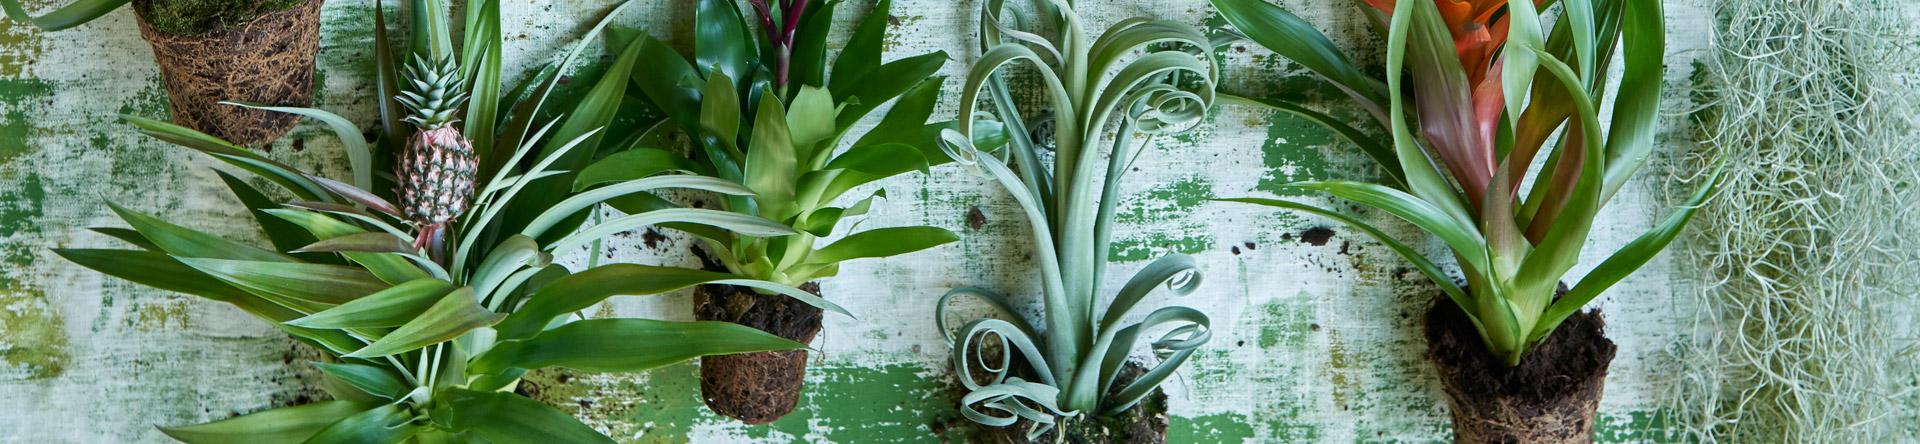 Sus orígenes tropicales convierten a la Bromelia en un superviviente típico.